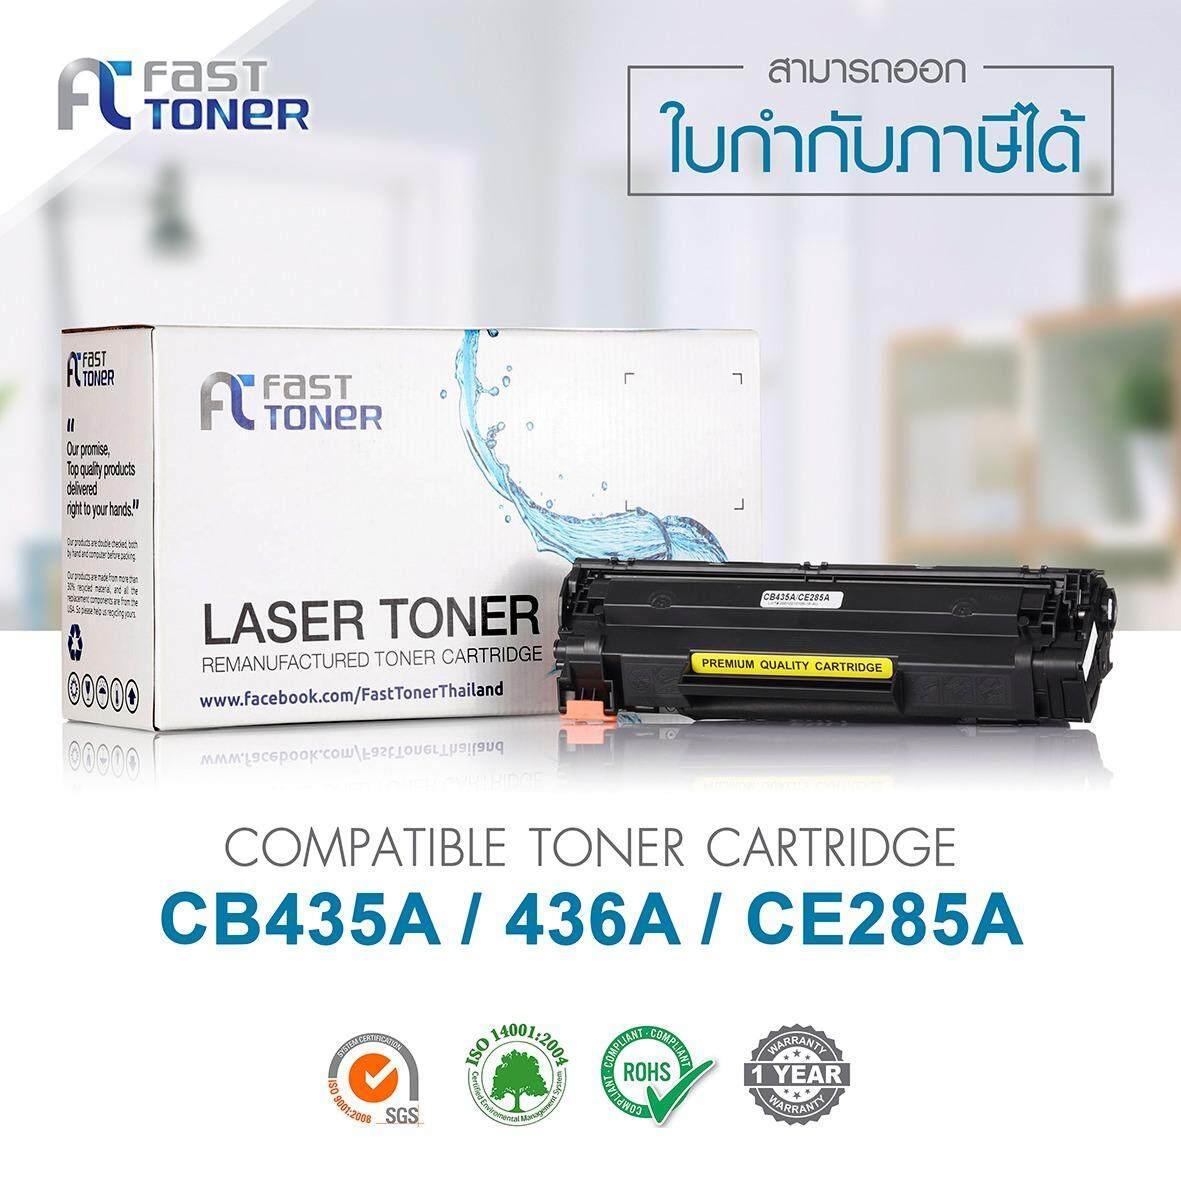 ราคา Fast Toner สำหรับรุ่น Hp Cb435A Hp 35A สำหรับเครื่องปริ้น P1002 P1003 P1004 P1005 P1006 P1009 Fast Toner กรุงเทพมหานคร